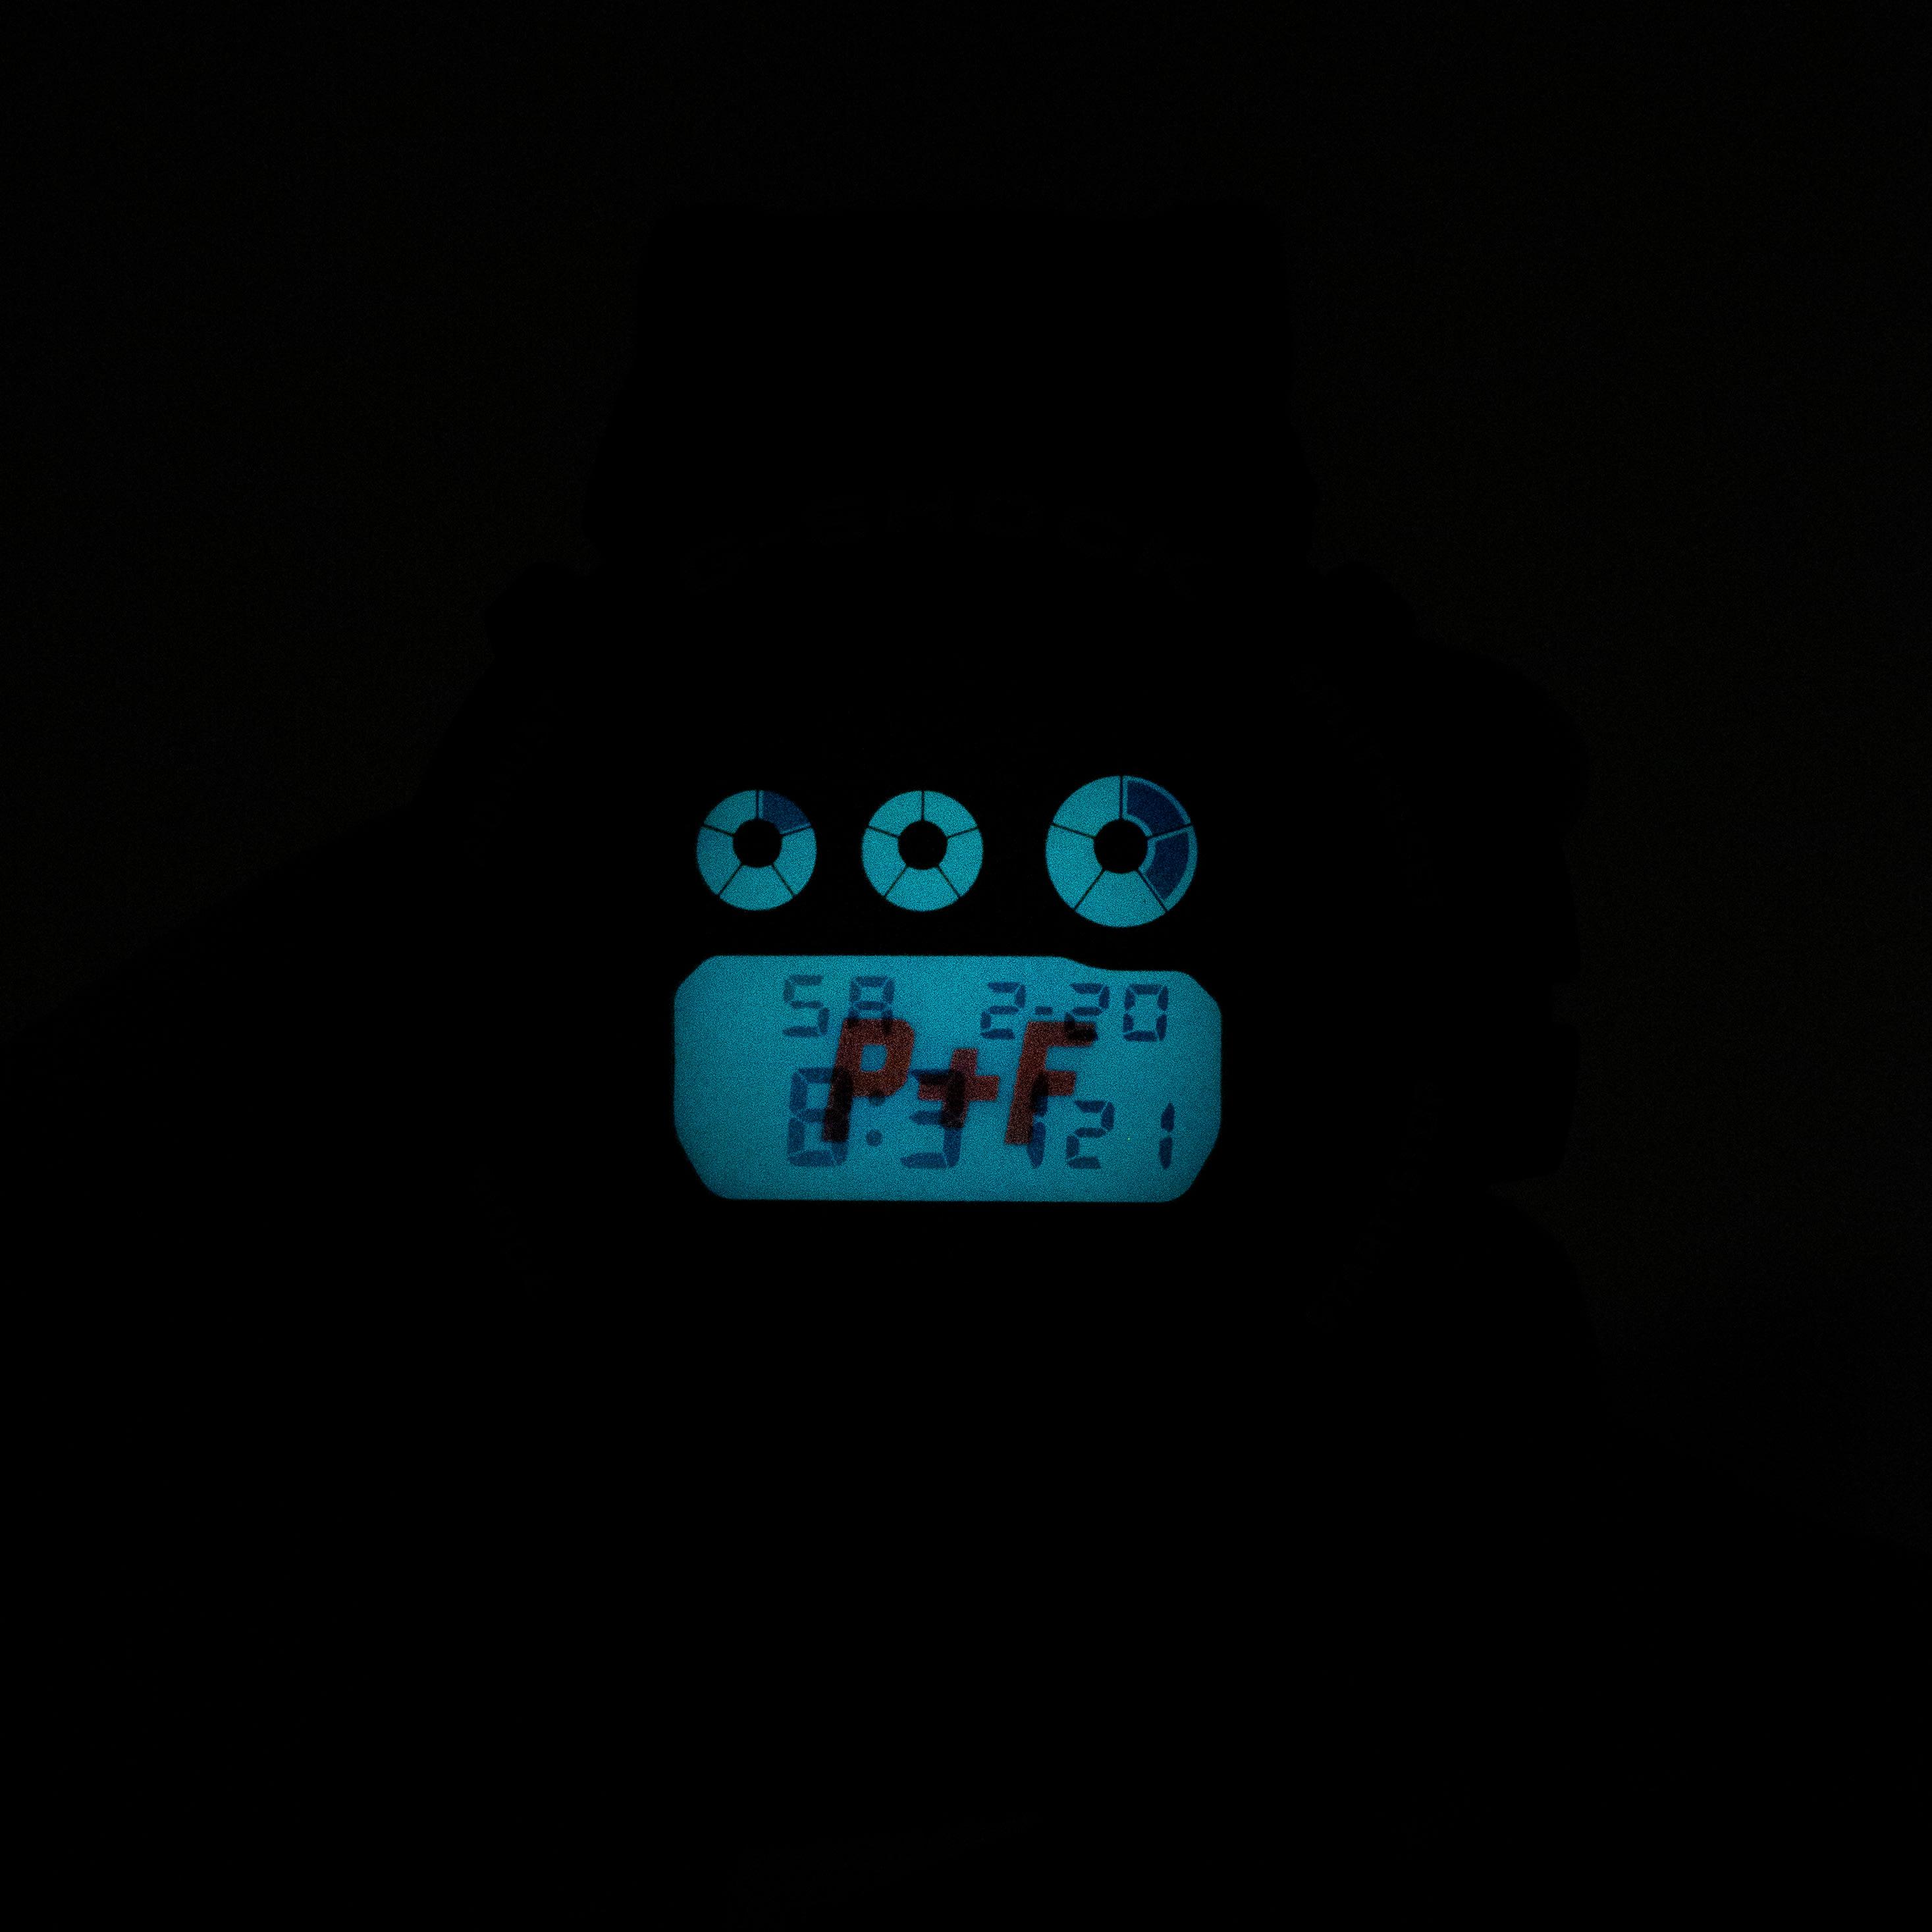 Casio G-Shock x PLACES+FACES DW-6900 - DW-6900PF-1ER-PF